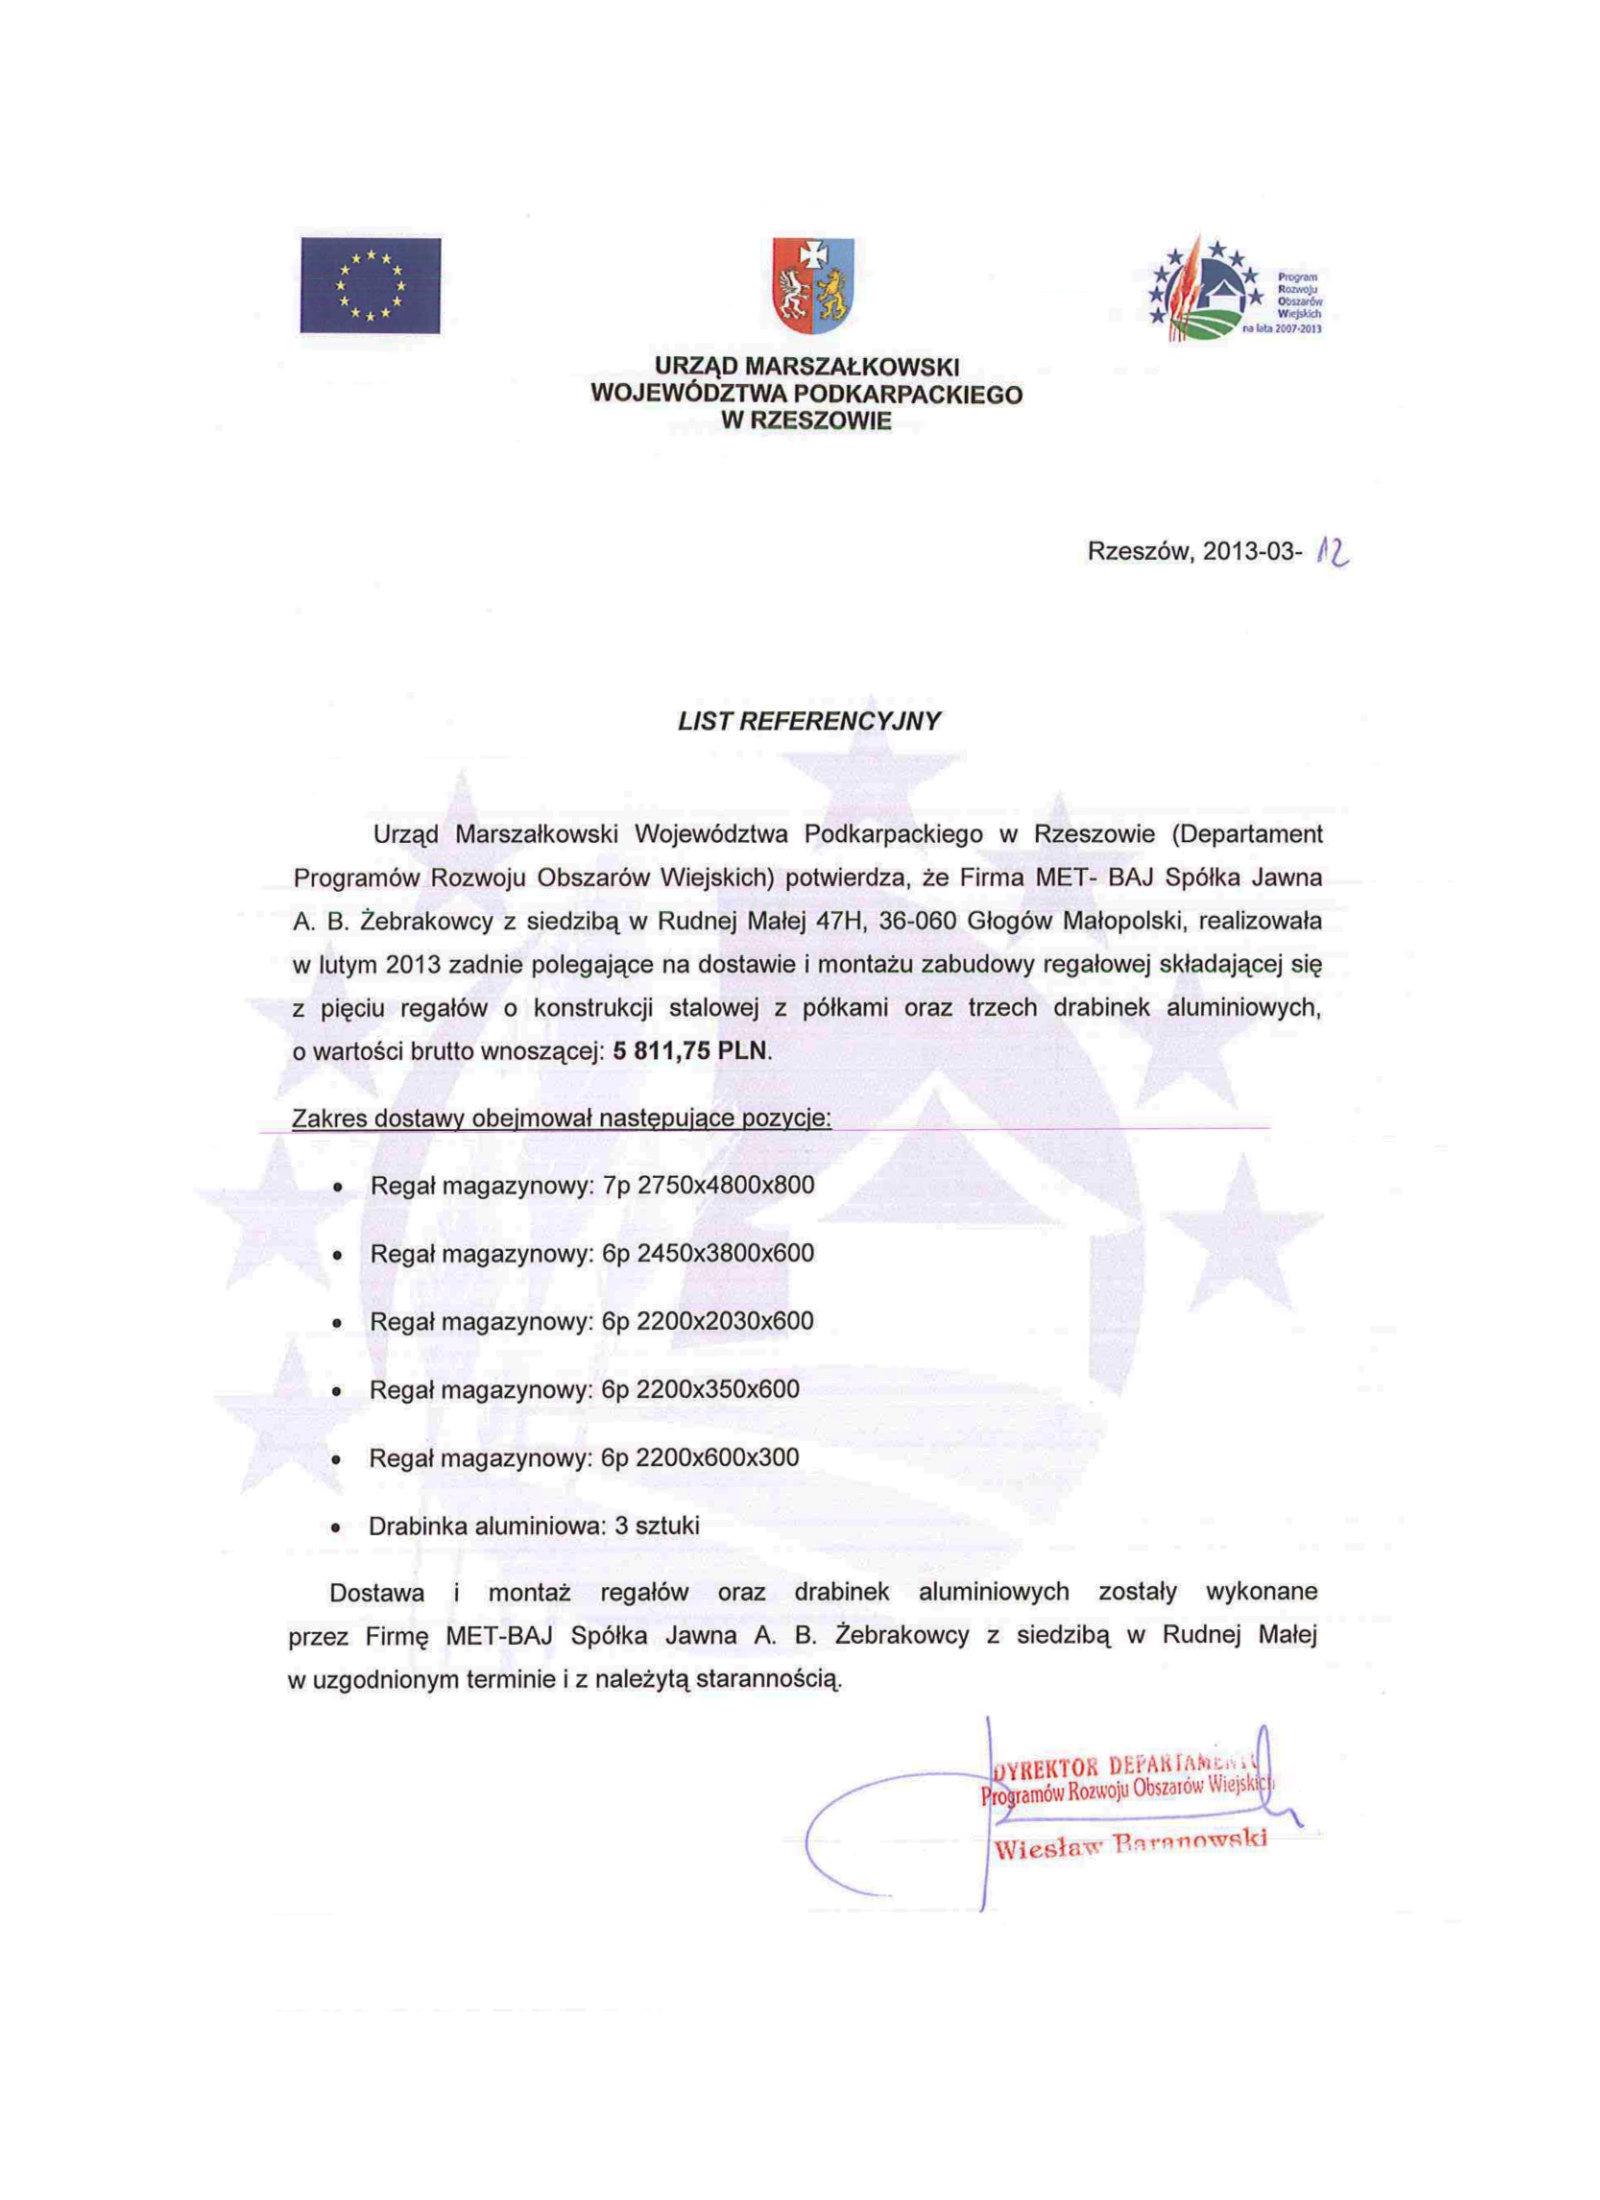 ReferencjeUrząd Marszałkowski Województwa Podkarpackiego w Rzeszowie